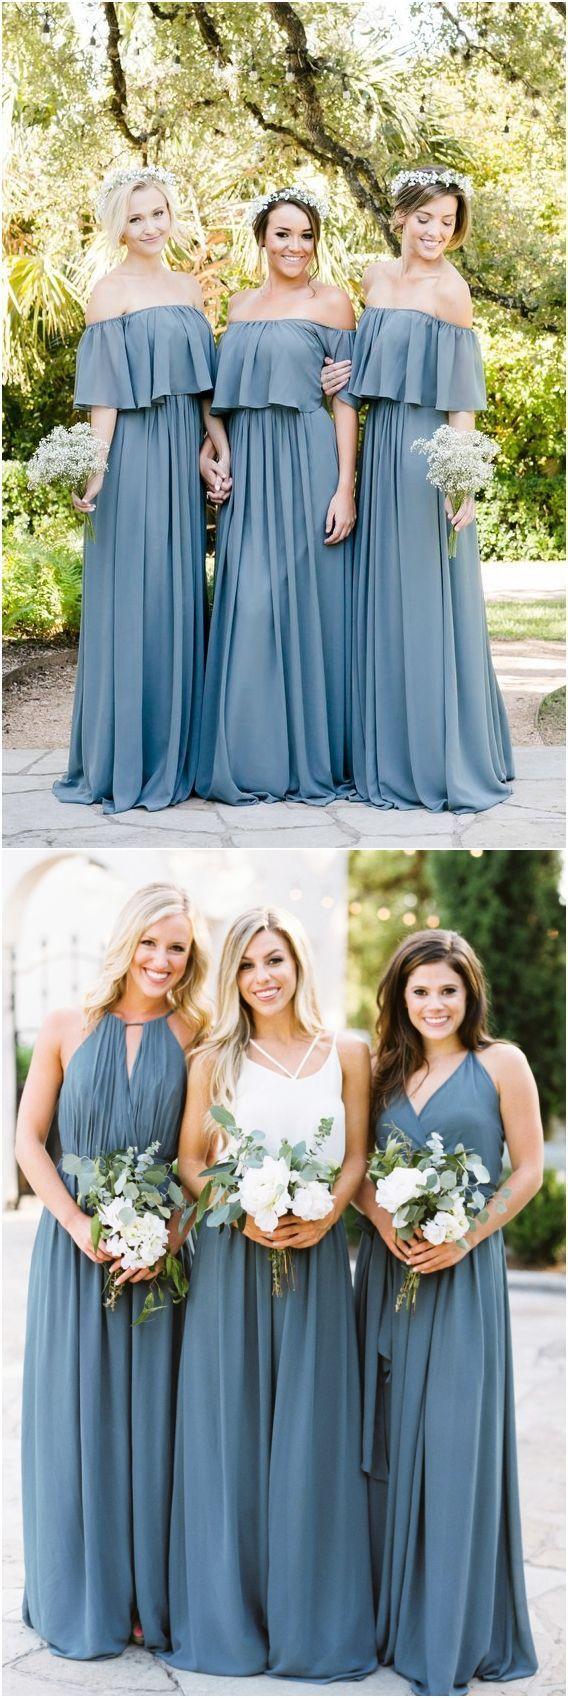 Dusty blue bridesmaid dressesweddings dresses weddingideas